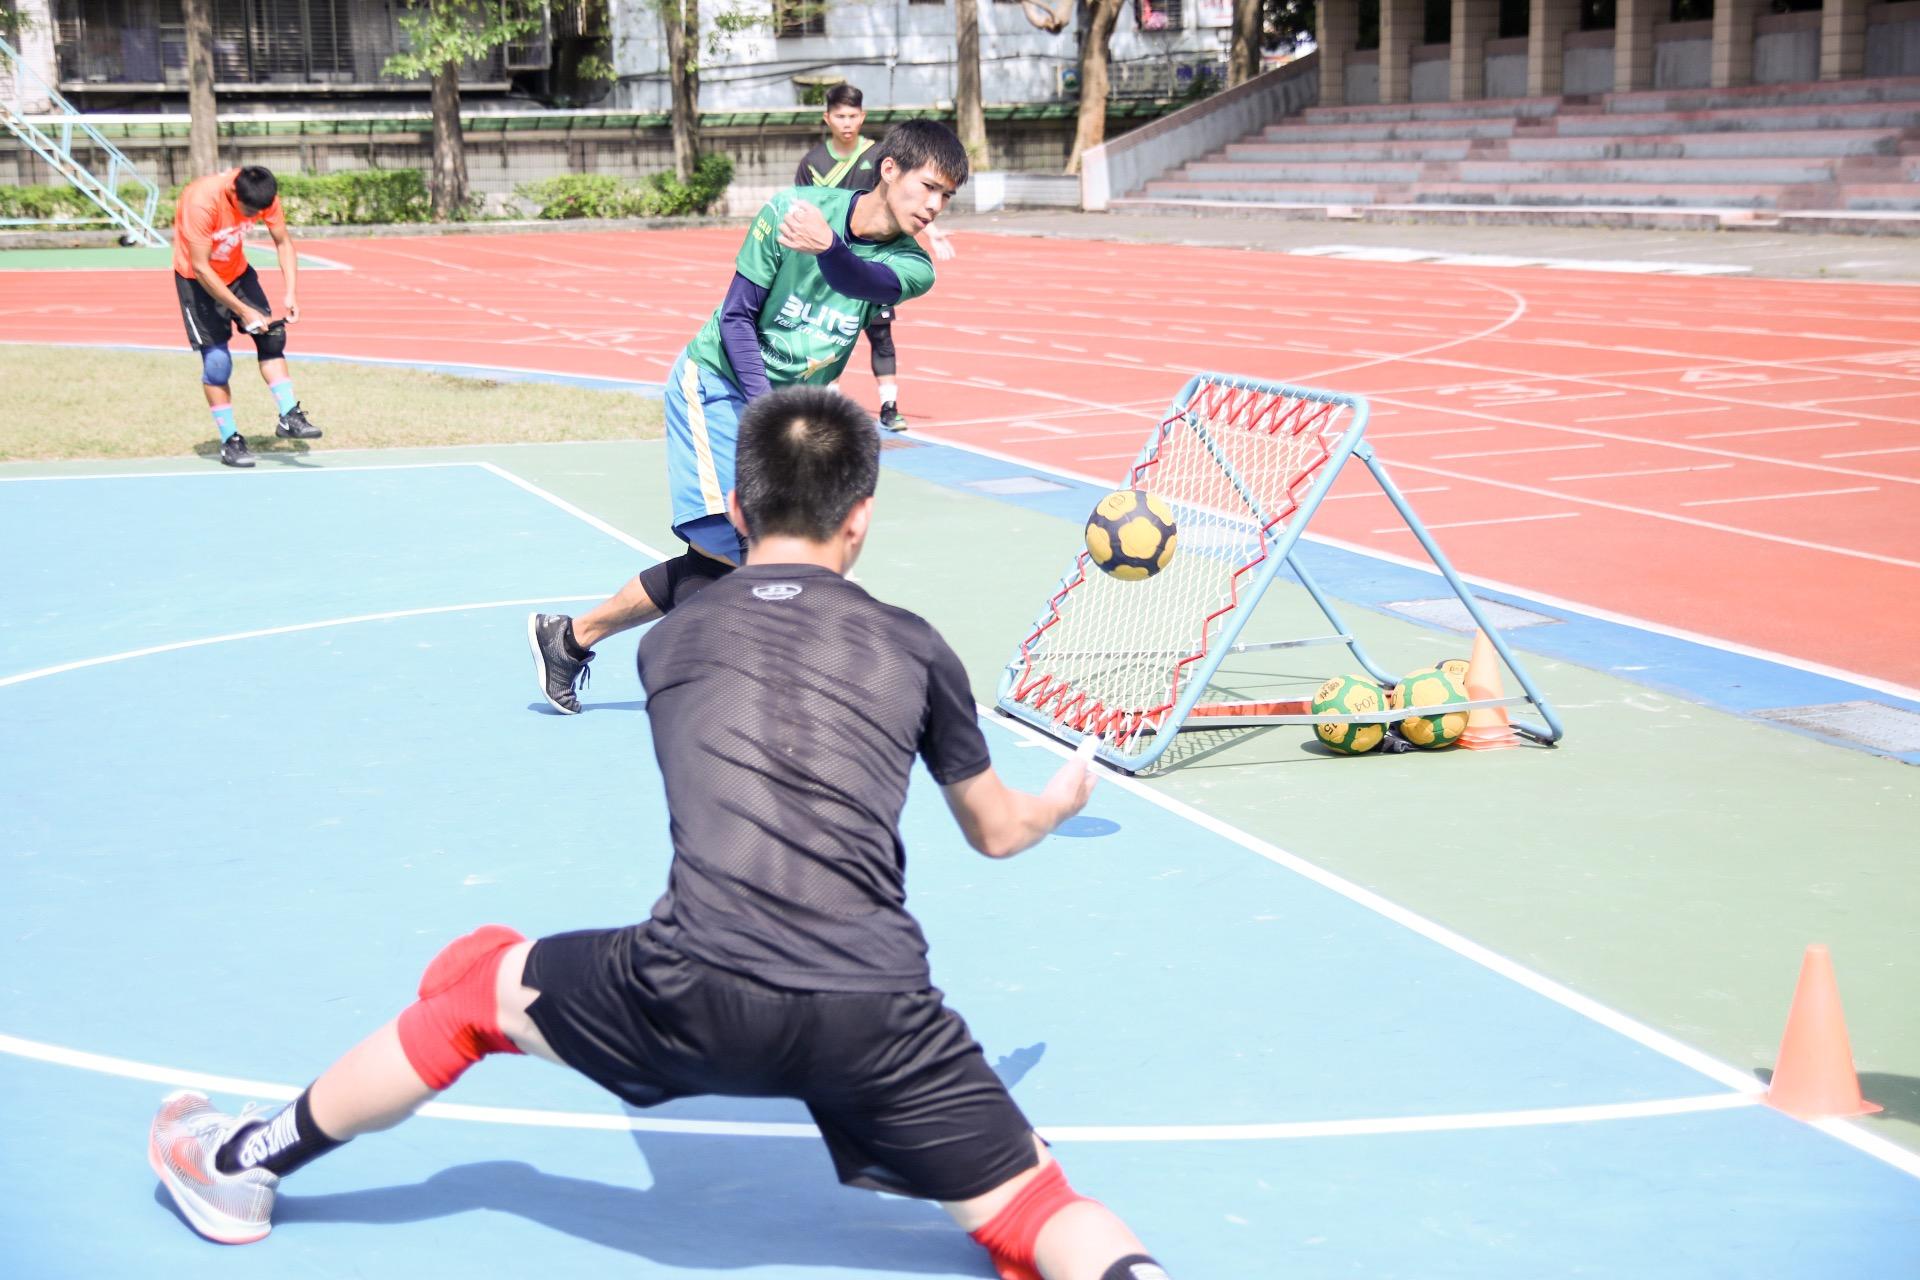 選手們在練習攻擊與防守。攝影/楊智伃